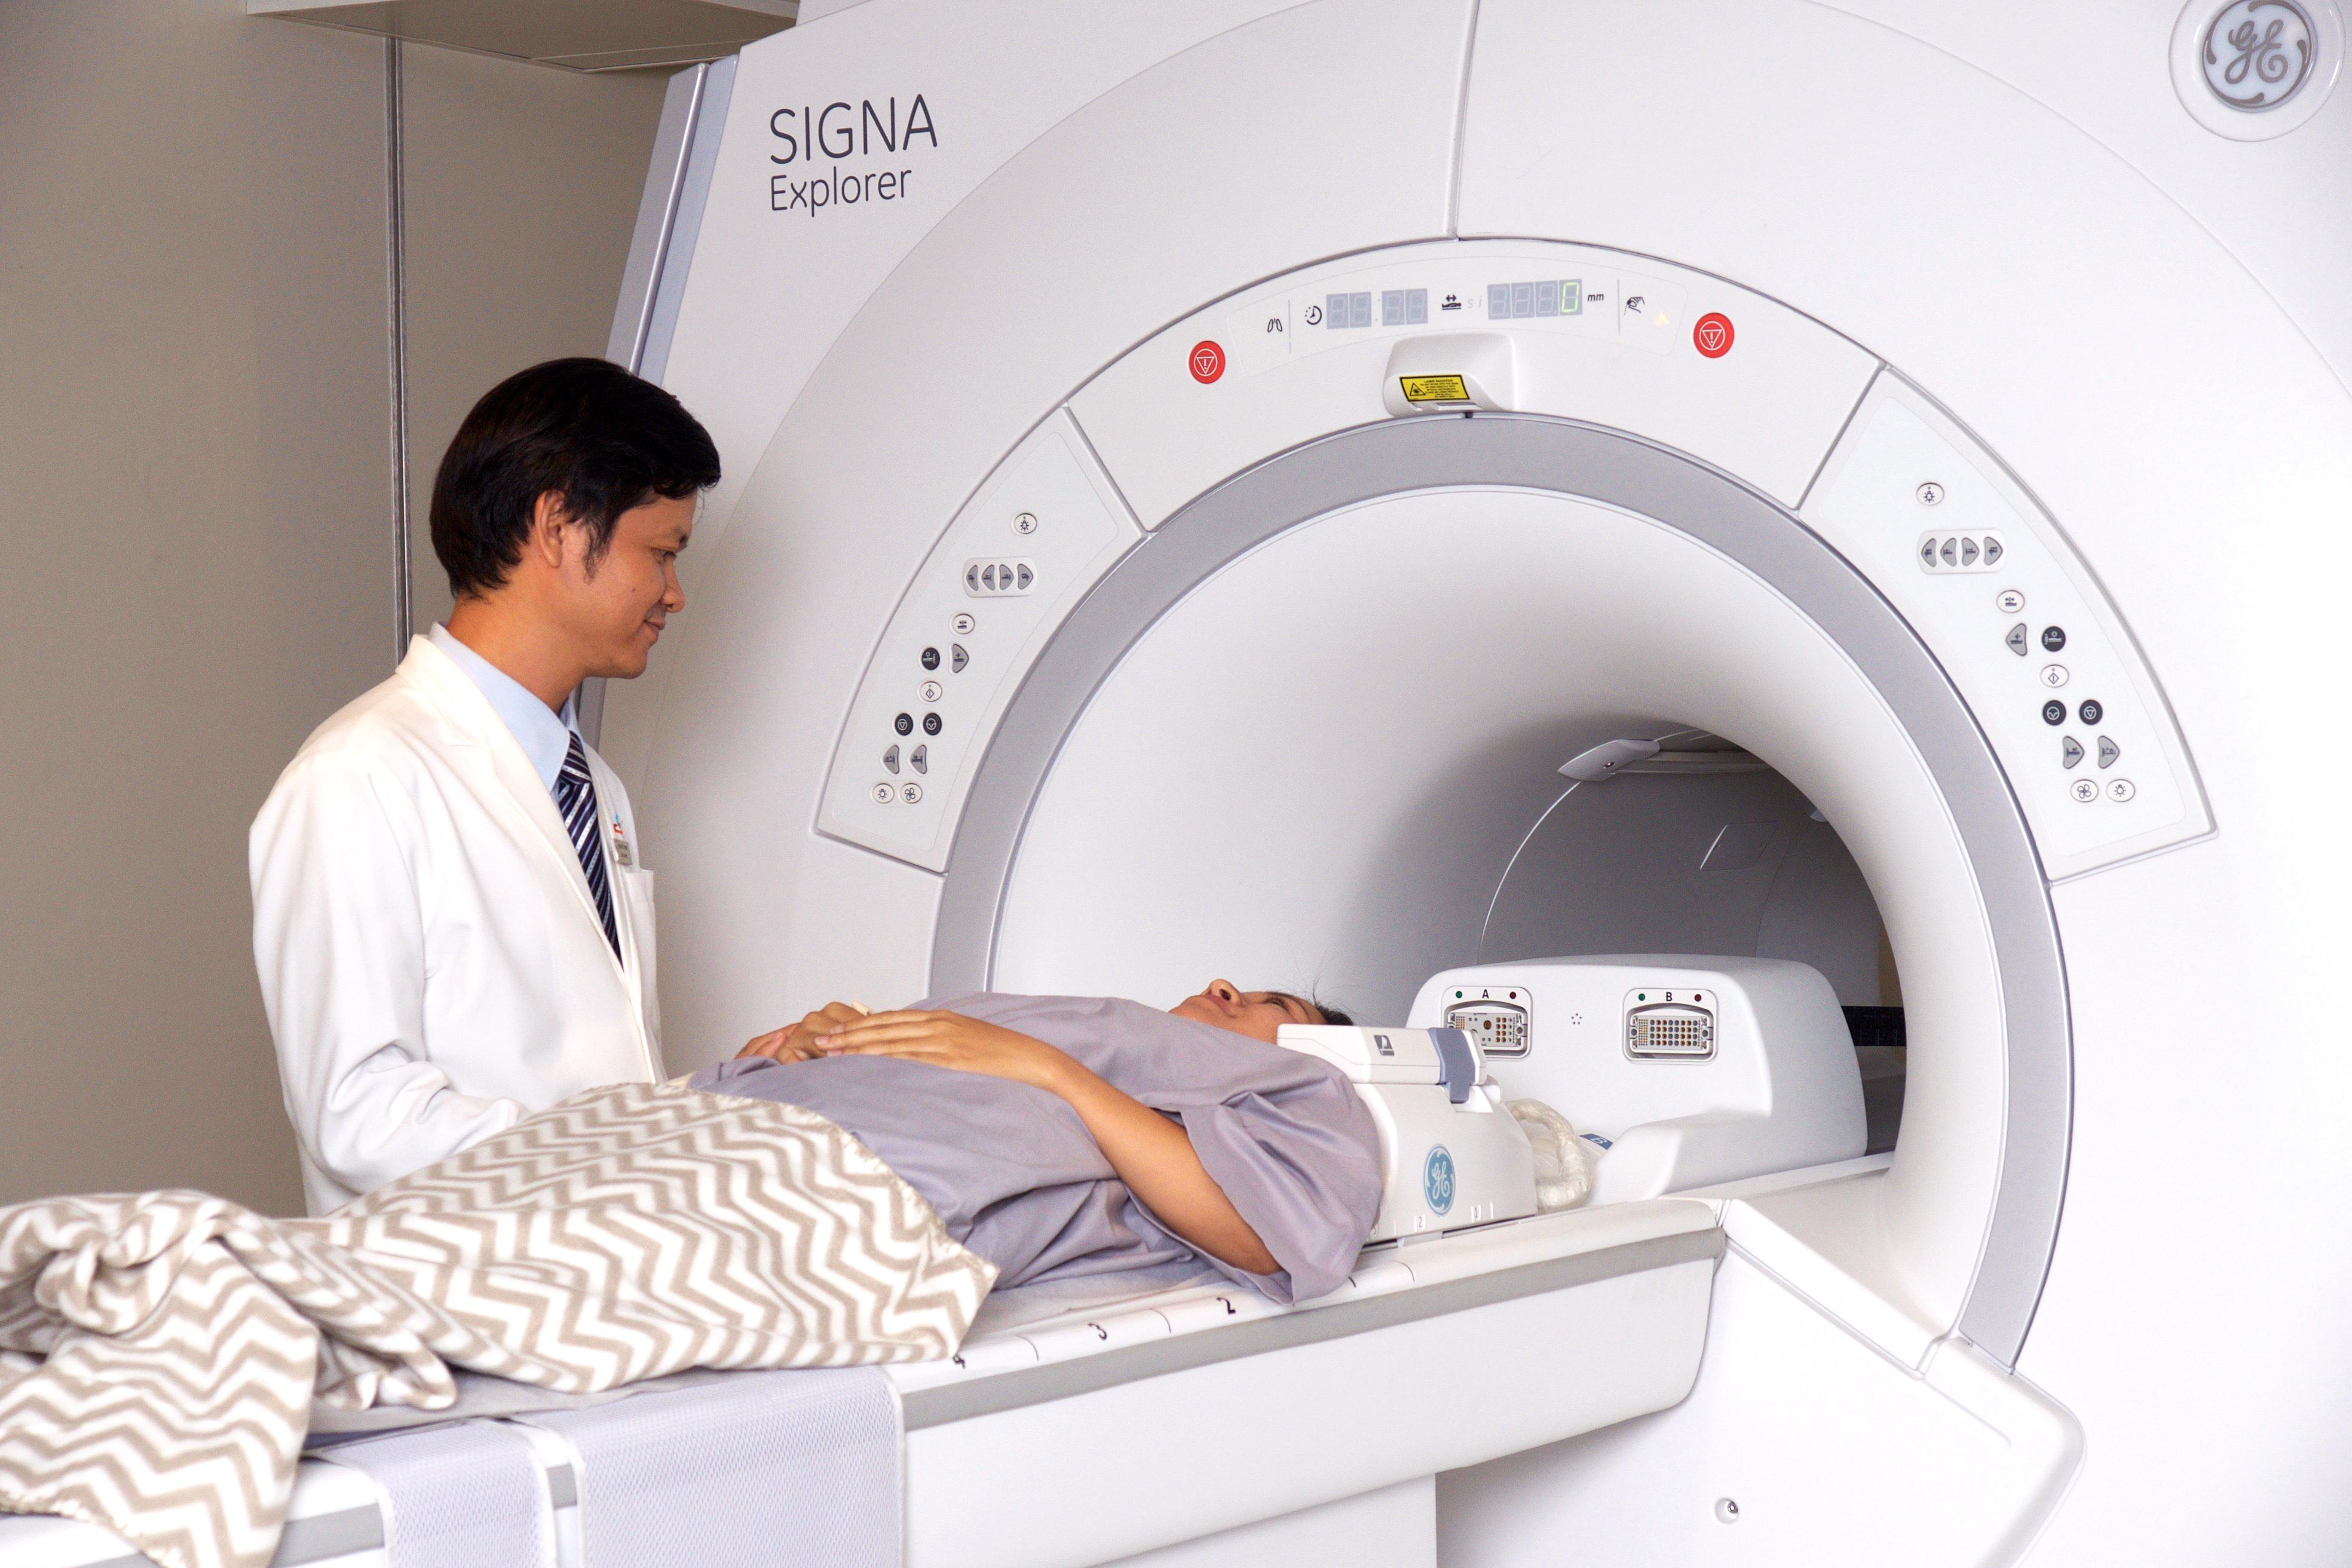 Trang máy móc, thiết bị hỗ trợ việc khám và điều trị ung thư tại phòng khám Ung bướu Singapore - Việt Nam.